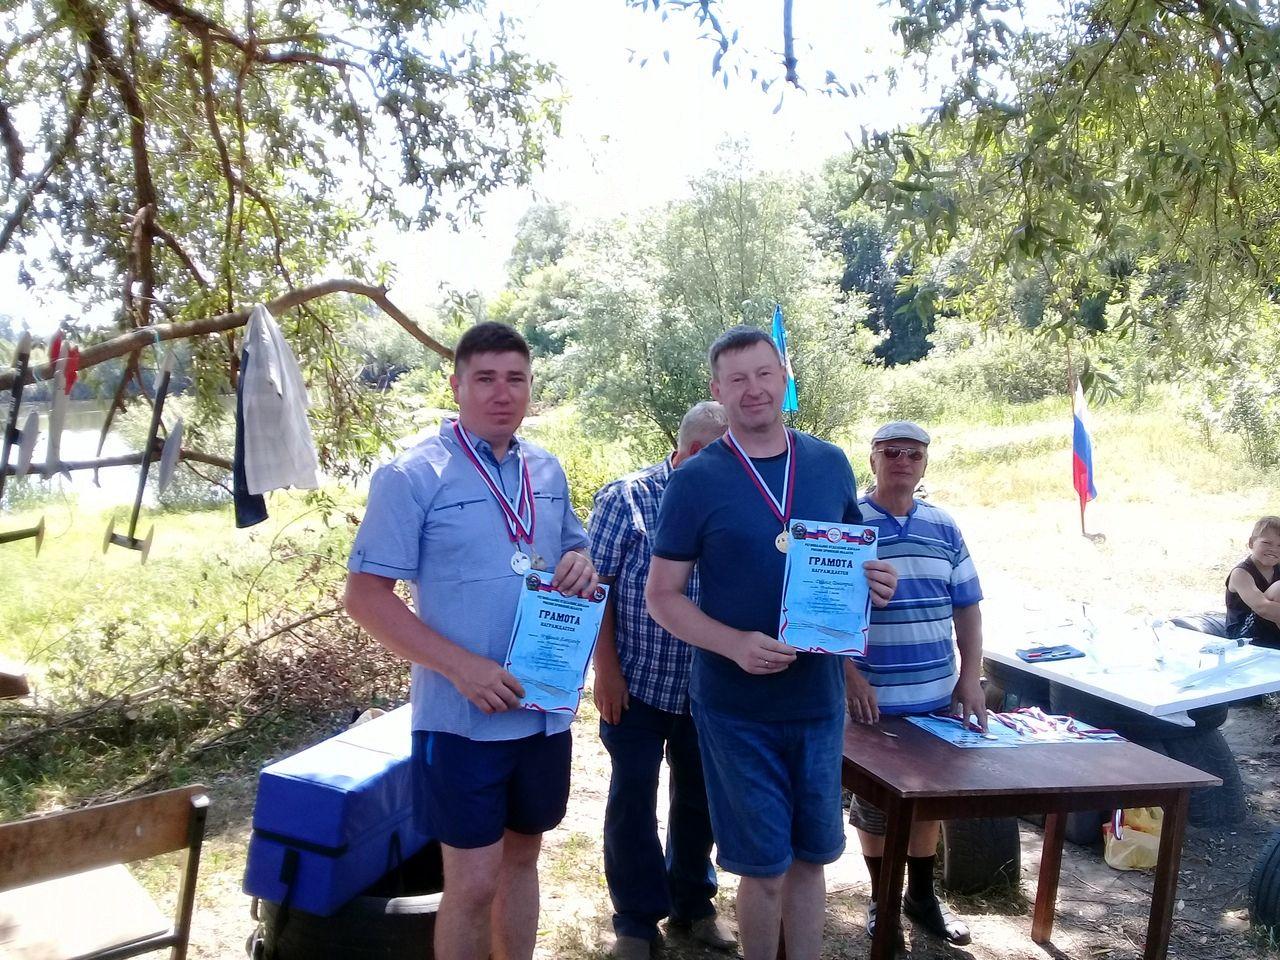 22 медали привезла наша сборная с Всероссийских соревнований по судомоделизму. Первое интервью участников